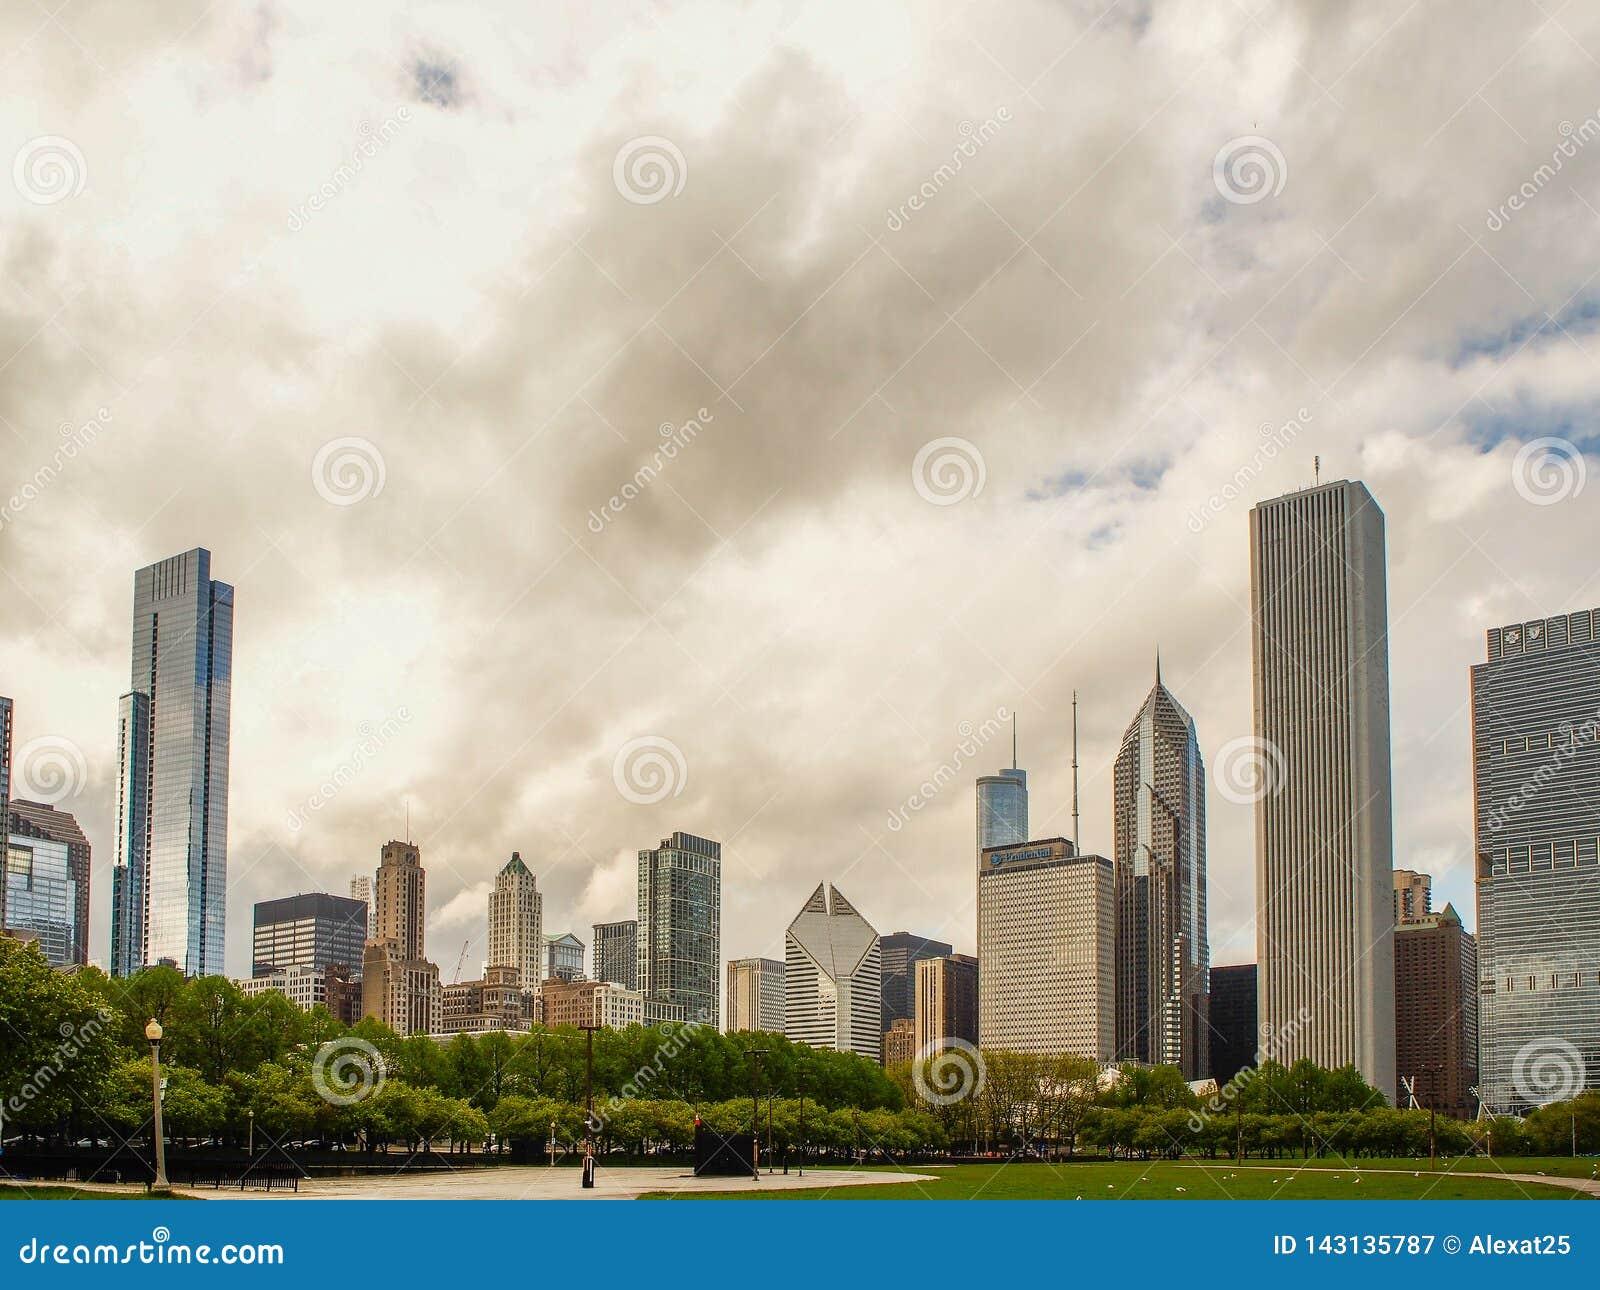 芝加哥,美国-芝加哥楼adn千禧公园,芝加哥市,美国